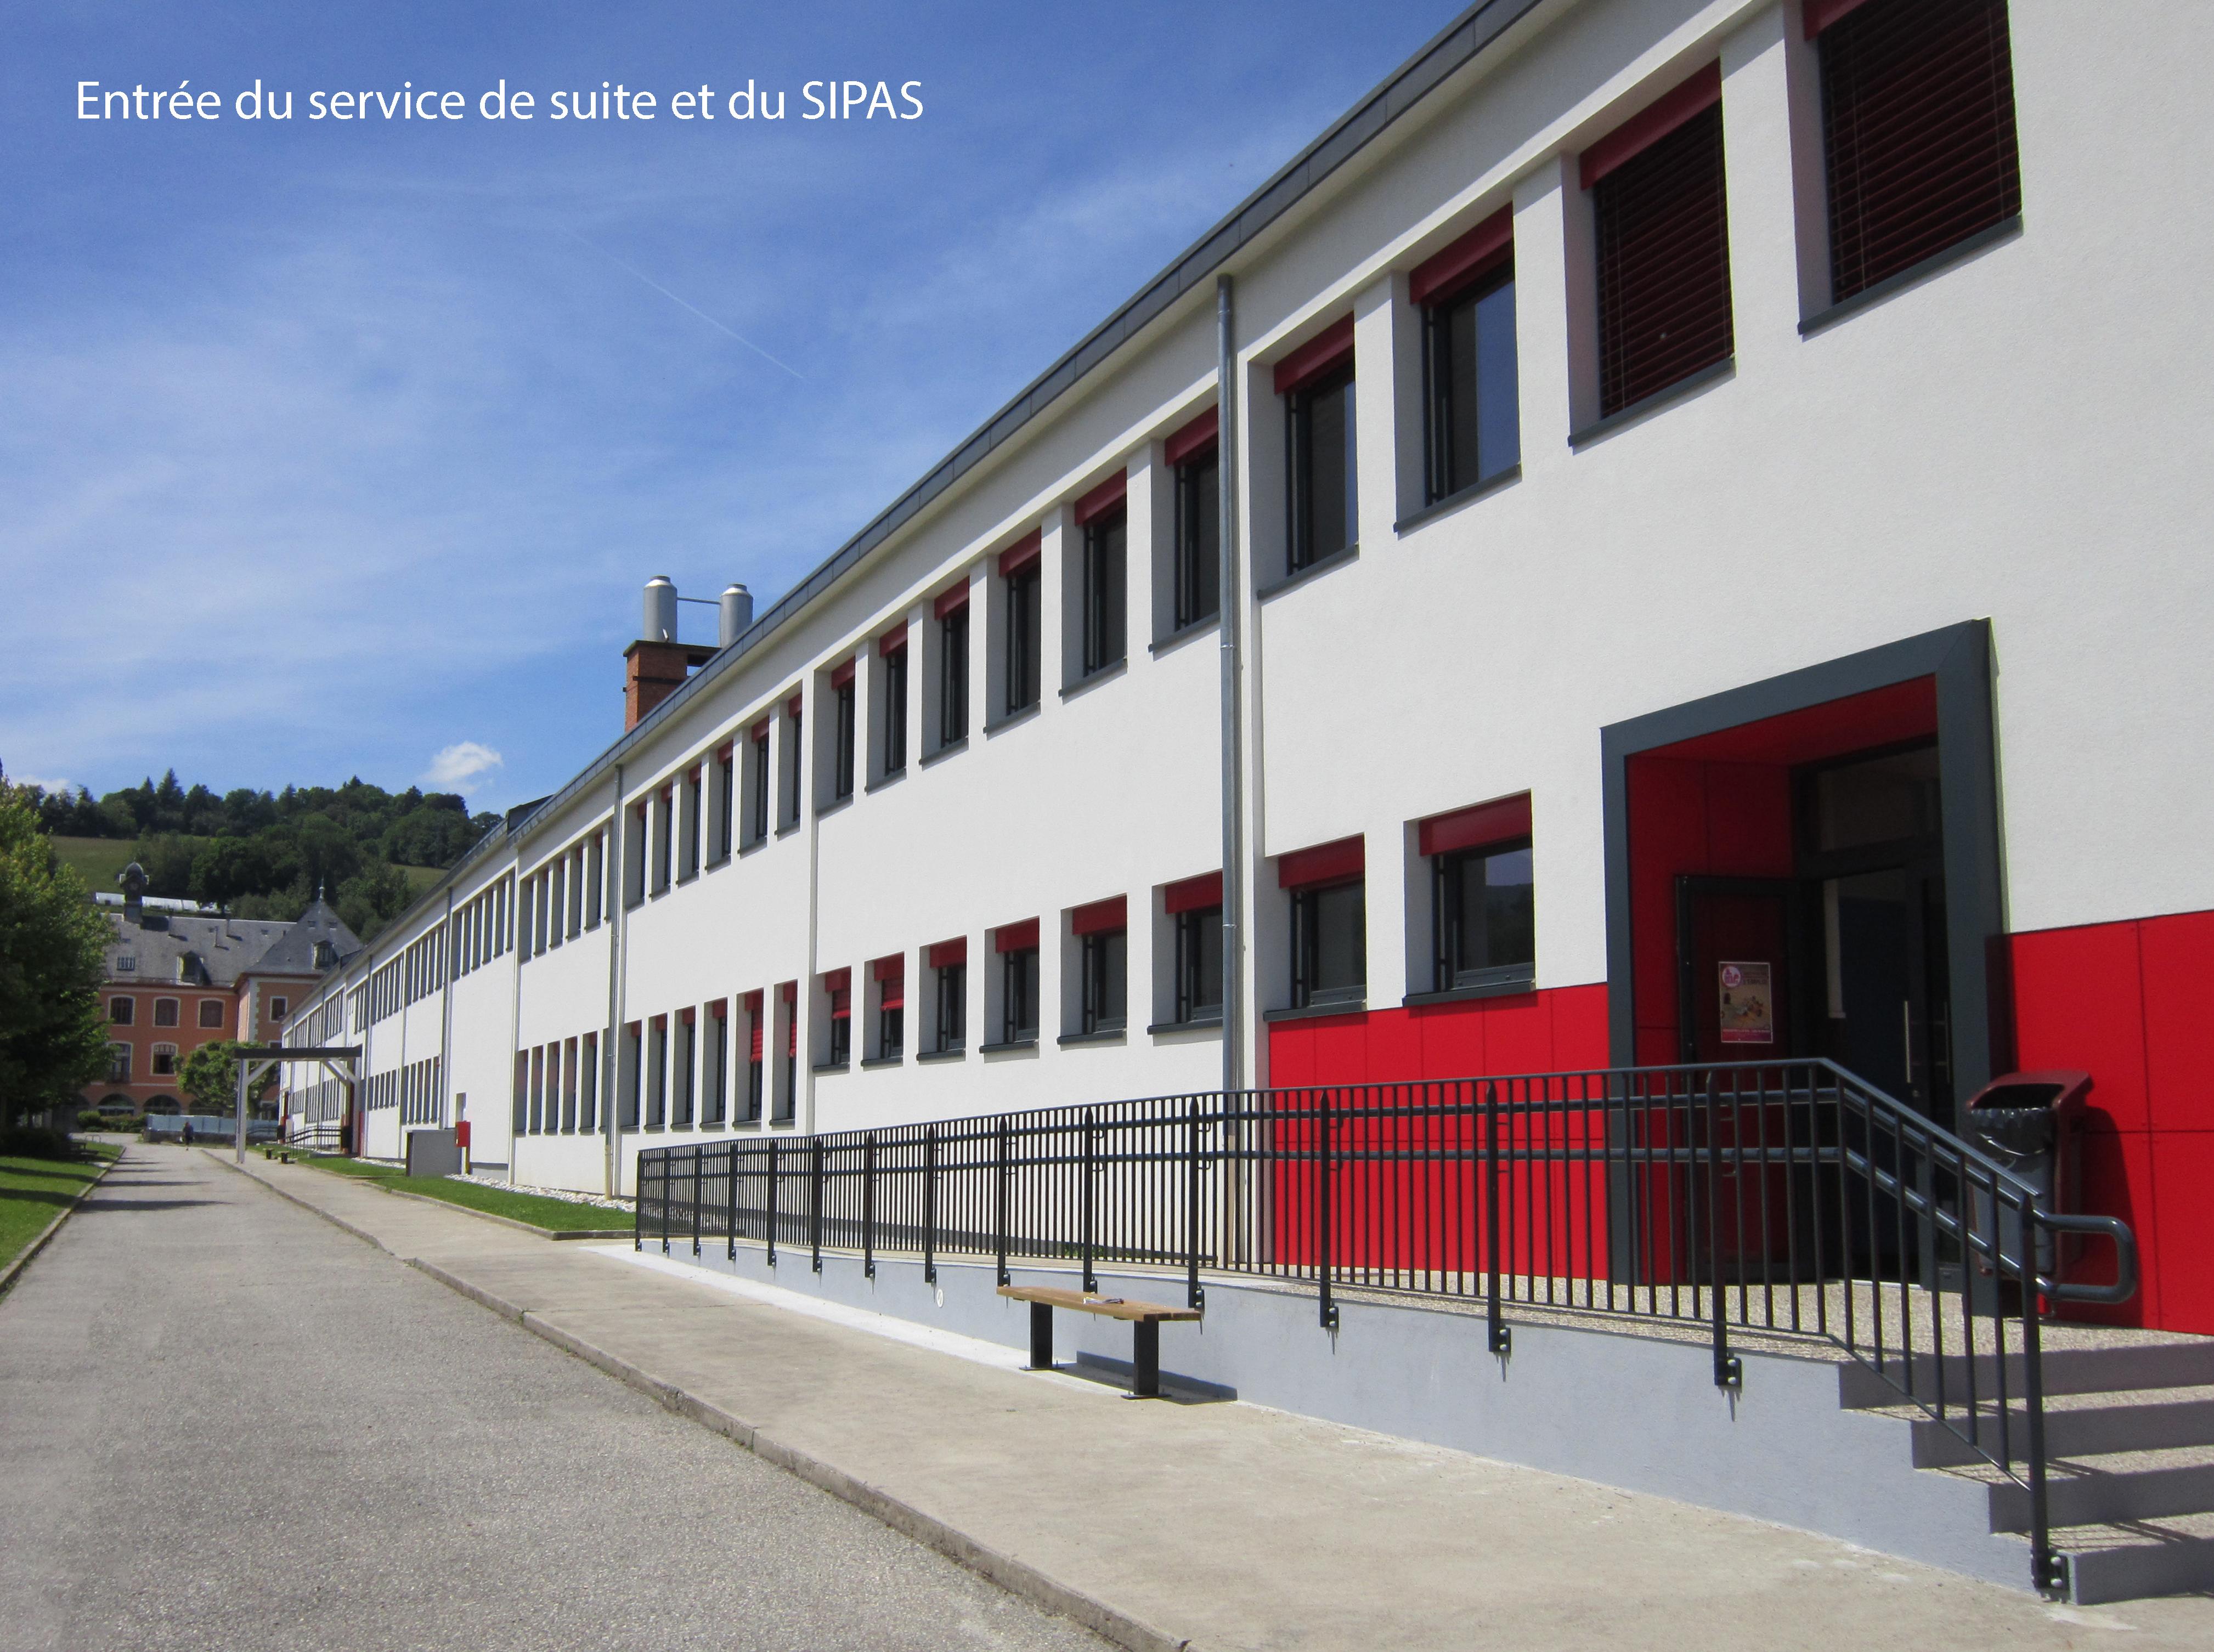 Entrée du Service de suite et du SIPAS